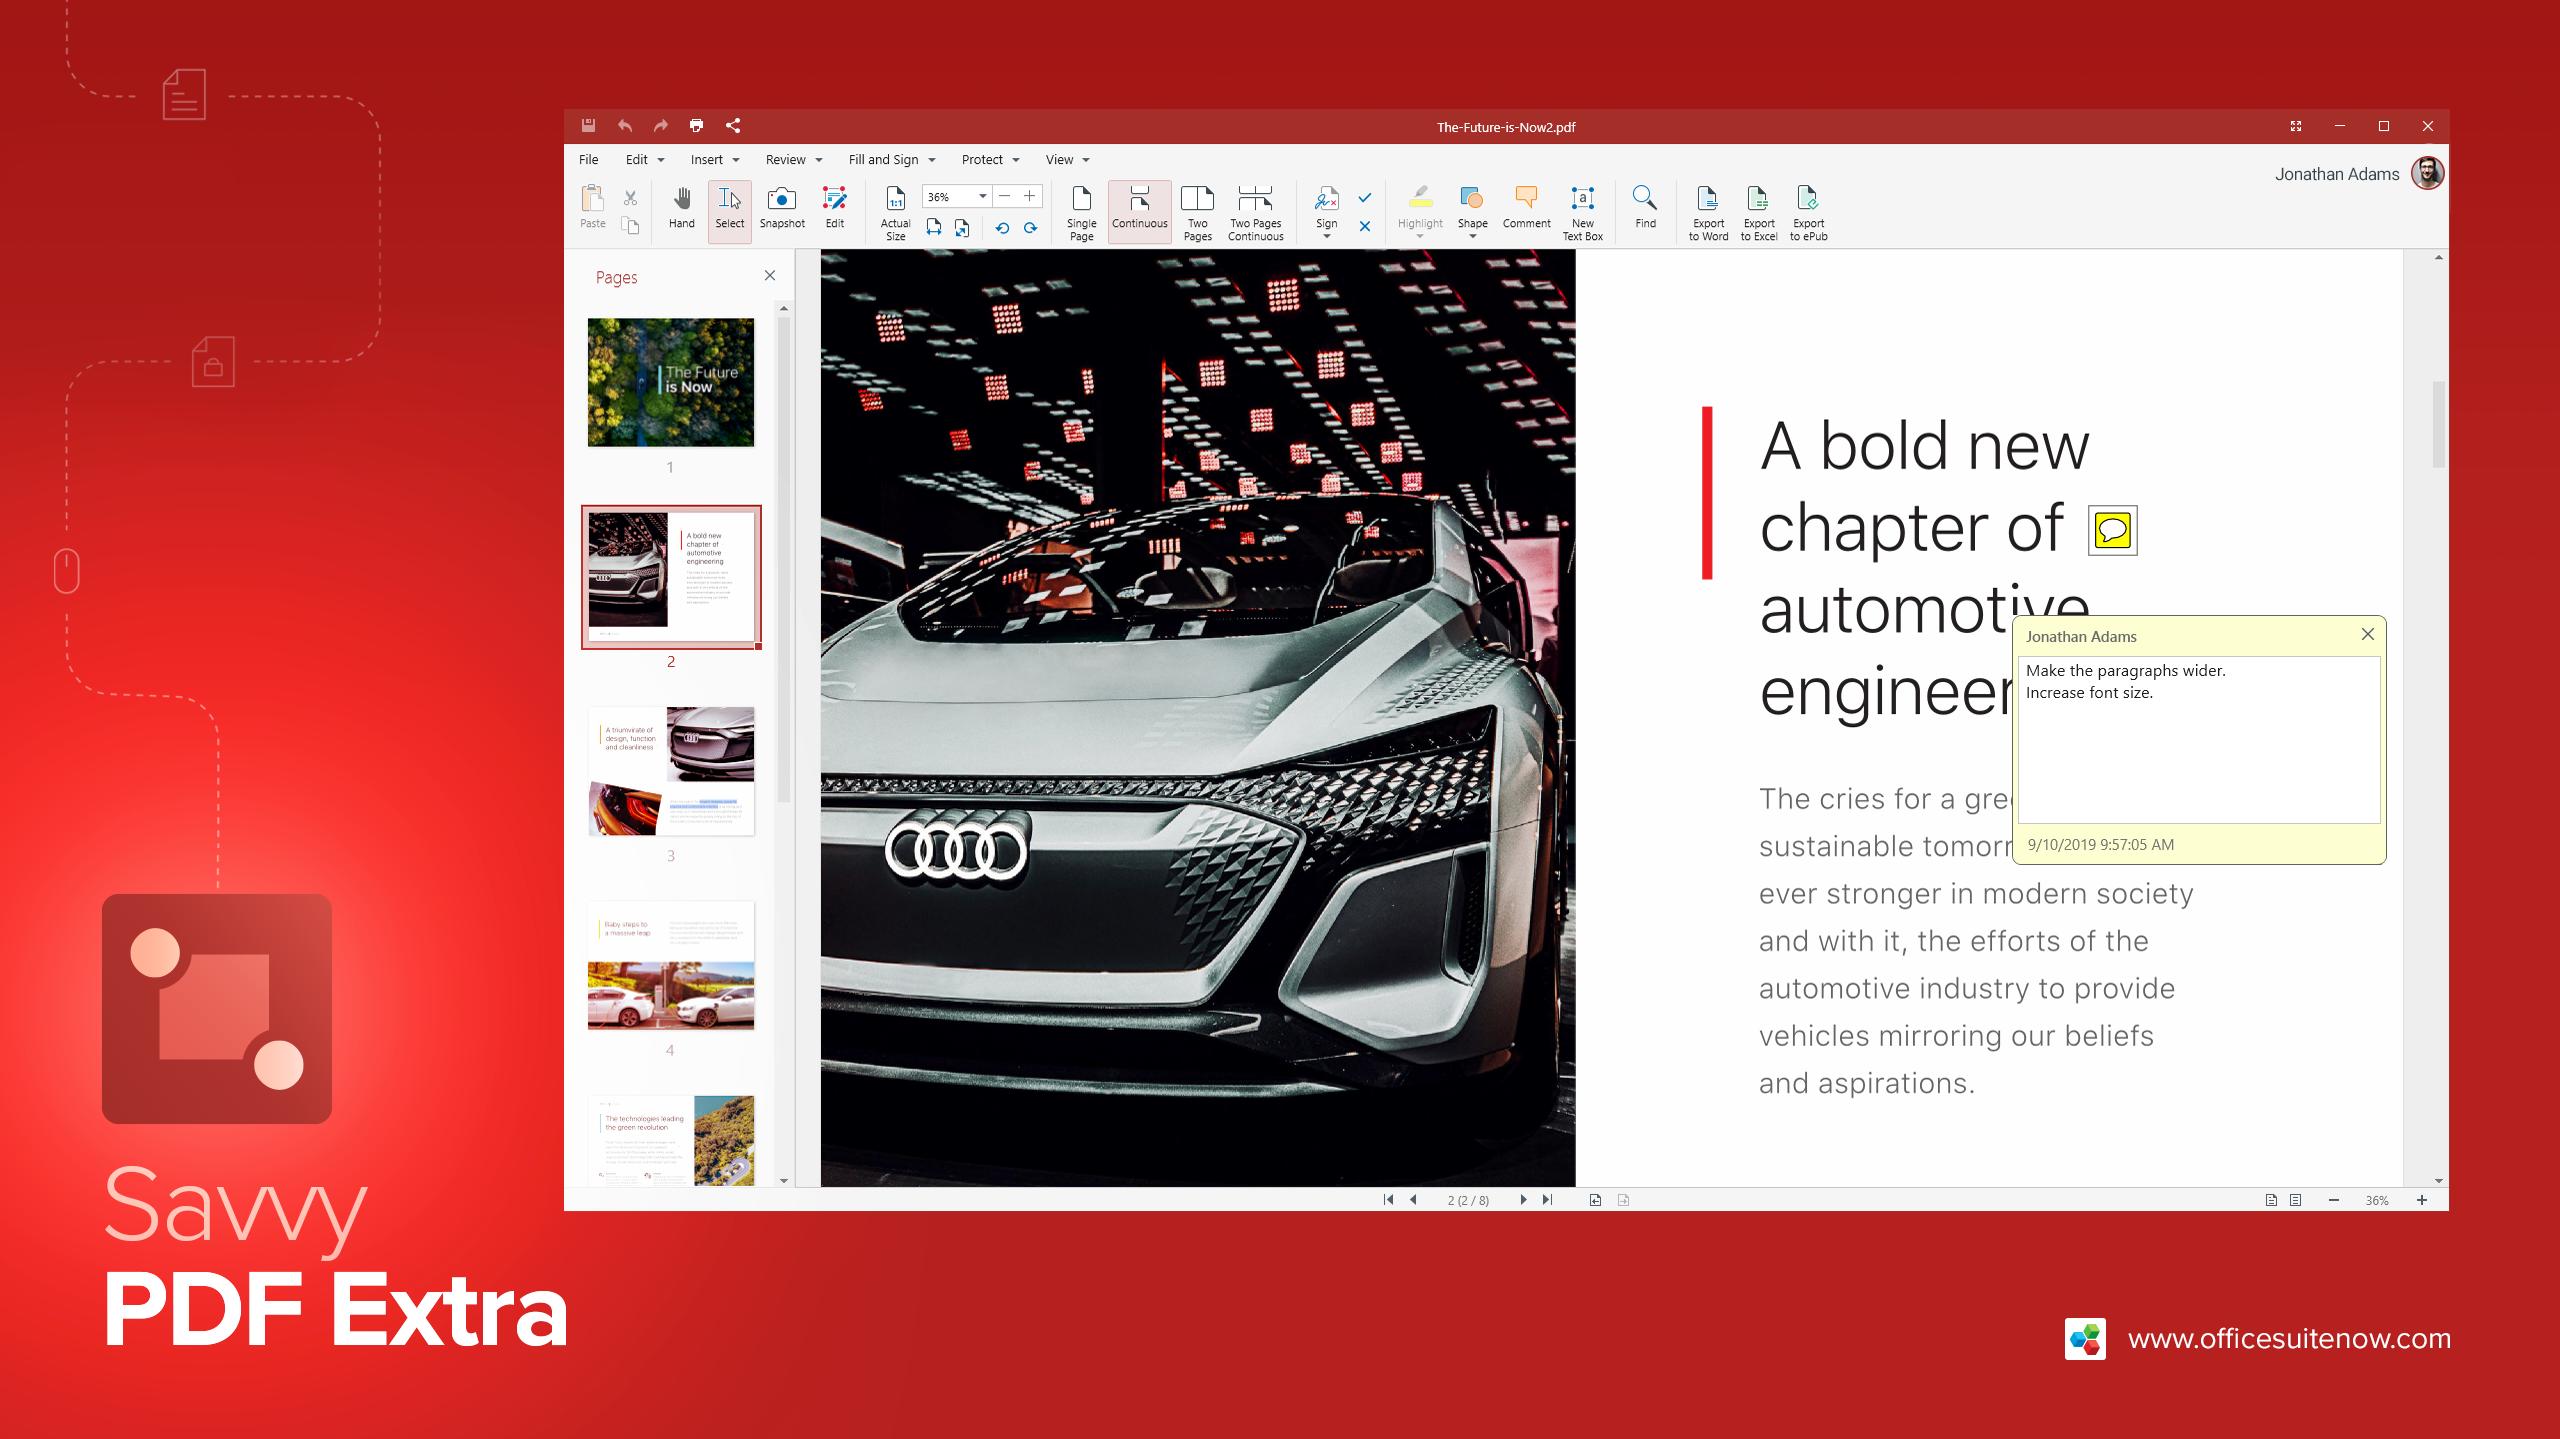 OfficeSuite PDF 엑스트라 뷰어